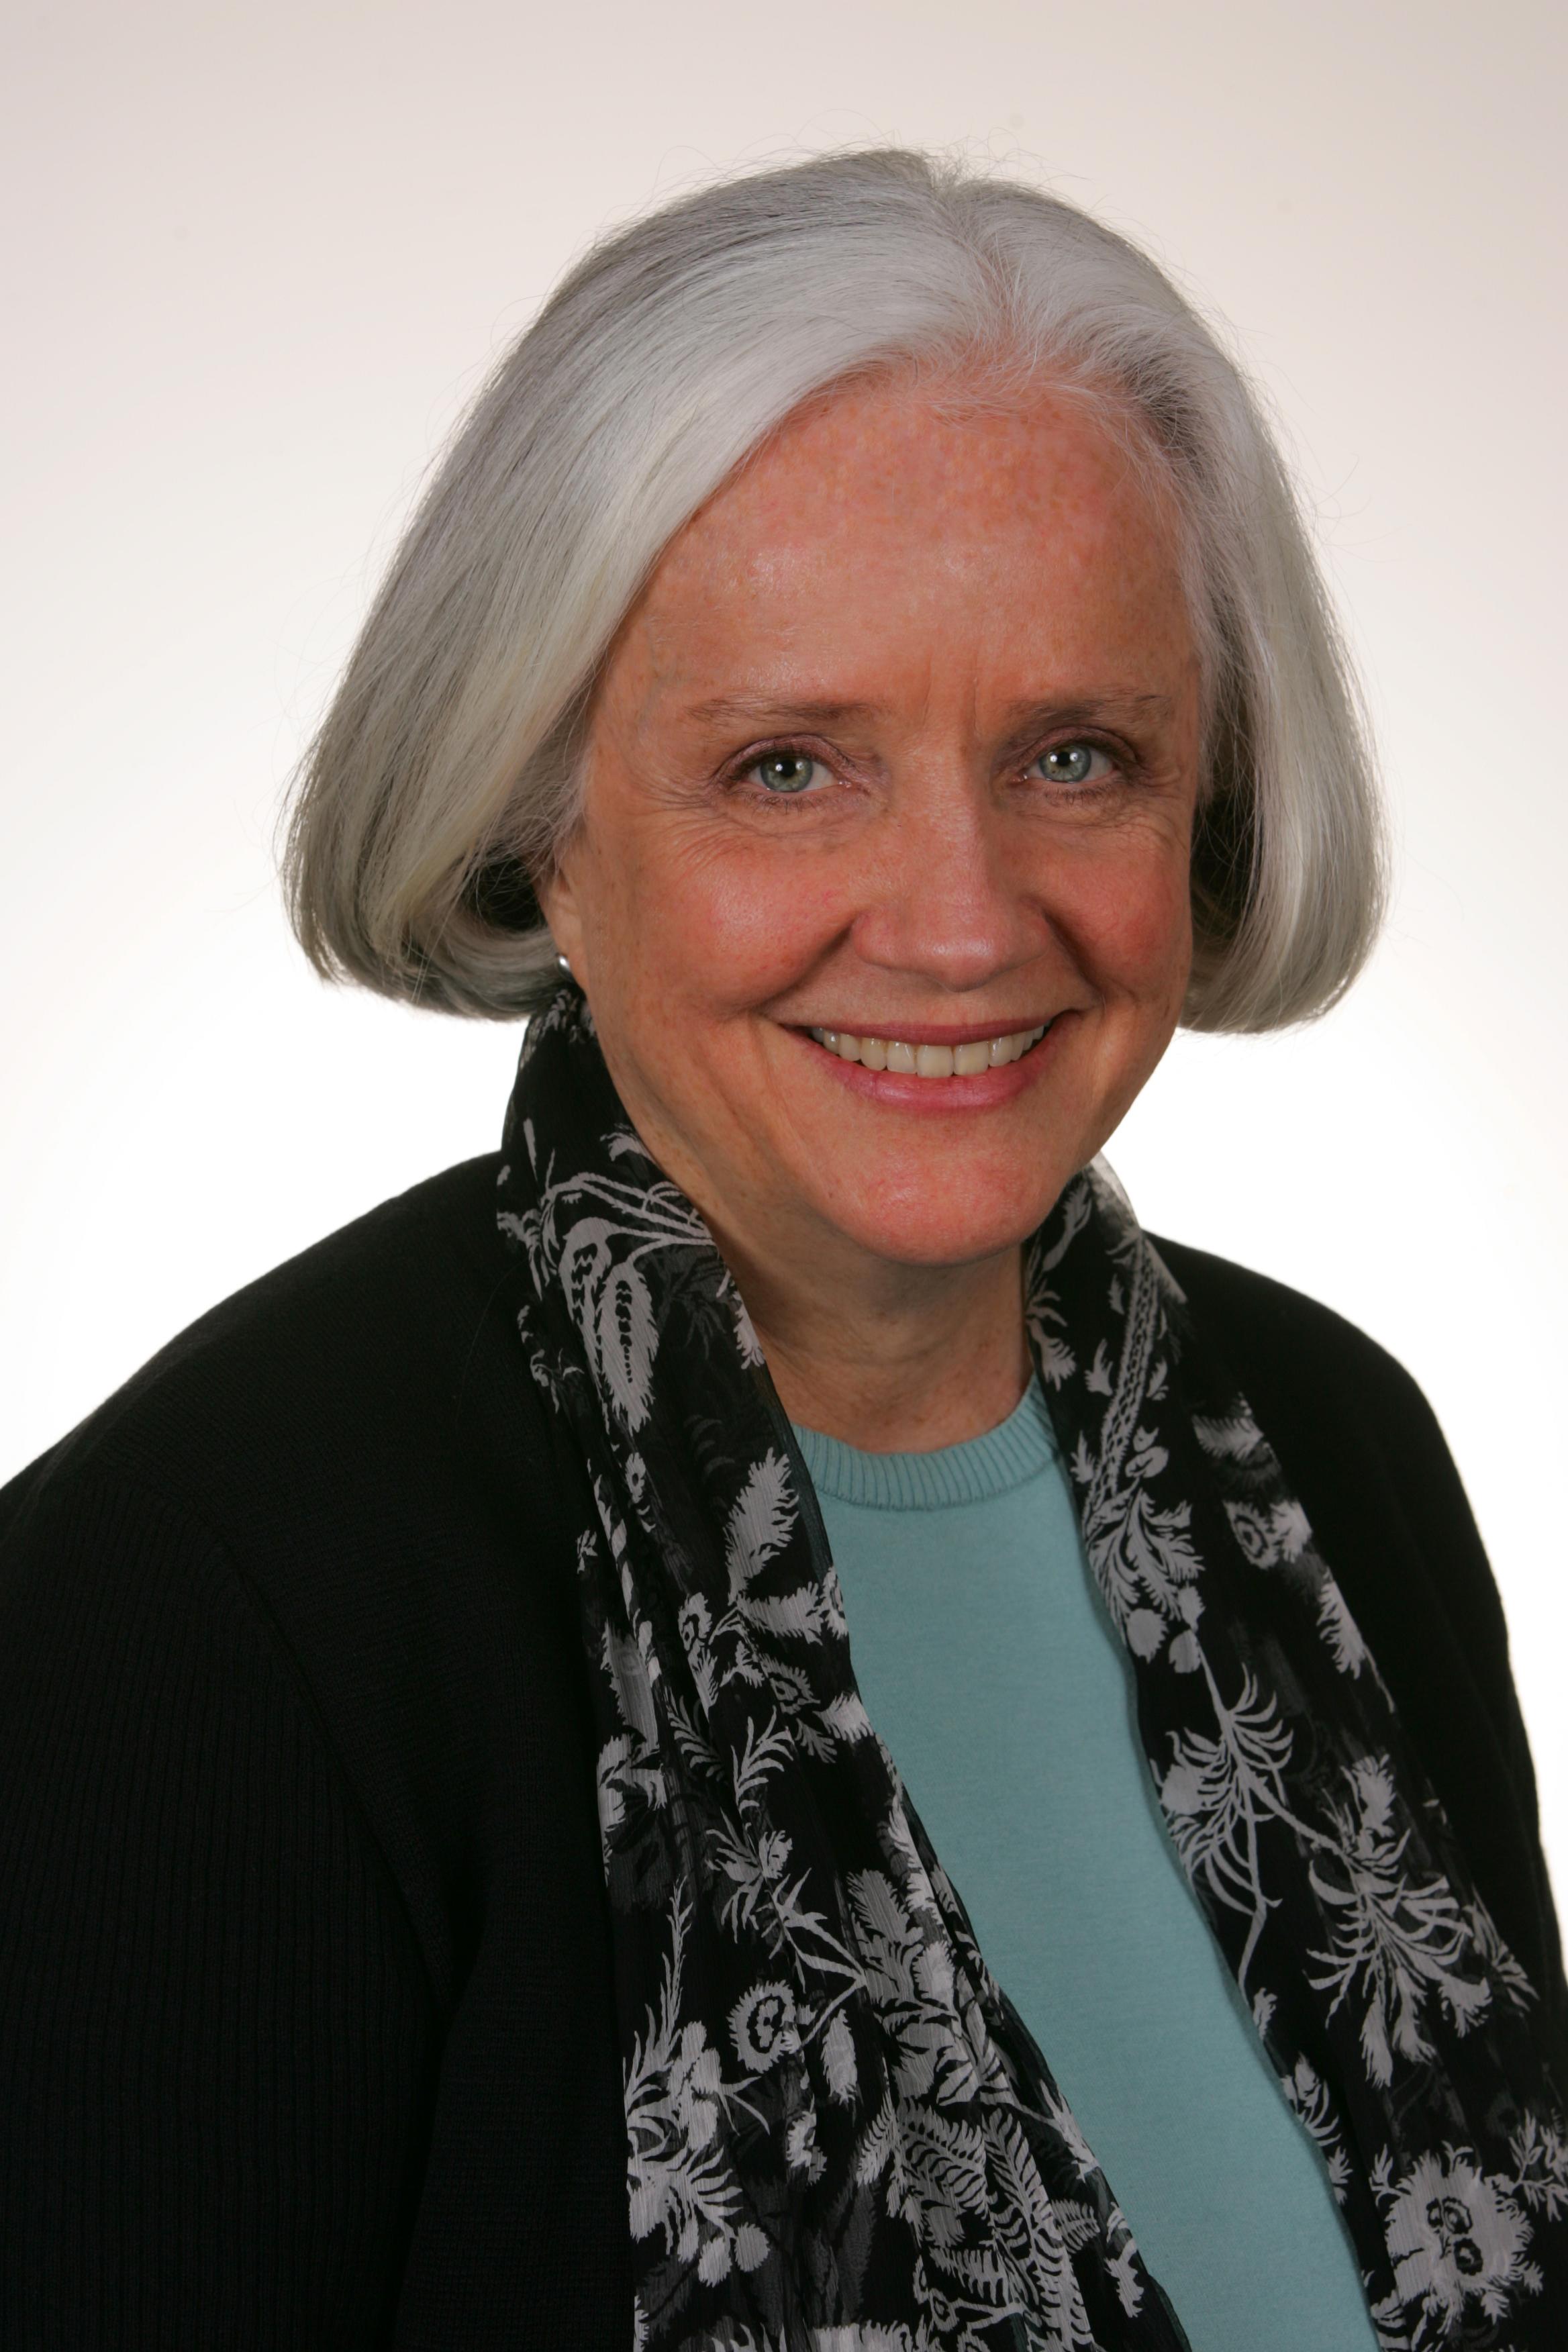 Julie Ann Gillis